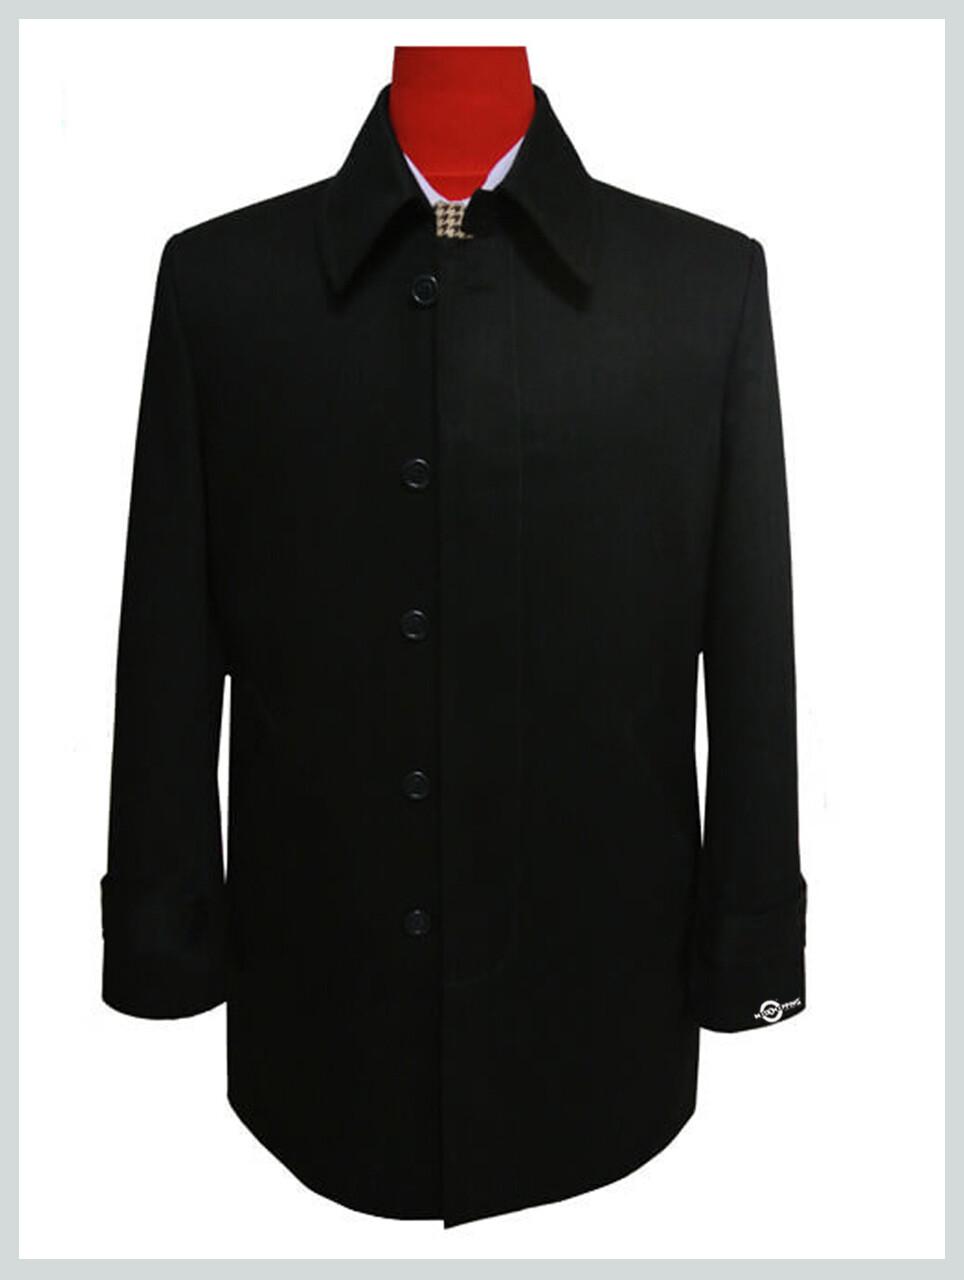 Mac Coat Mens| Mod Fashion Vintage Original Black Mac Coat